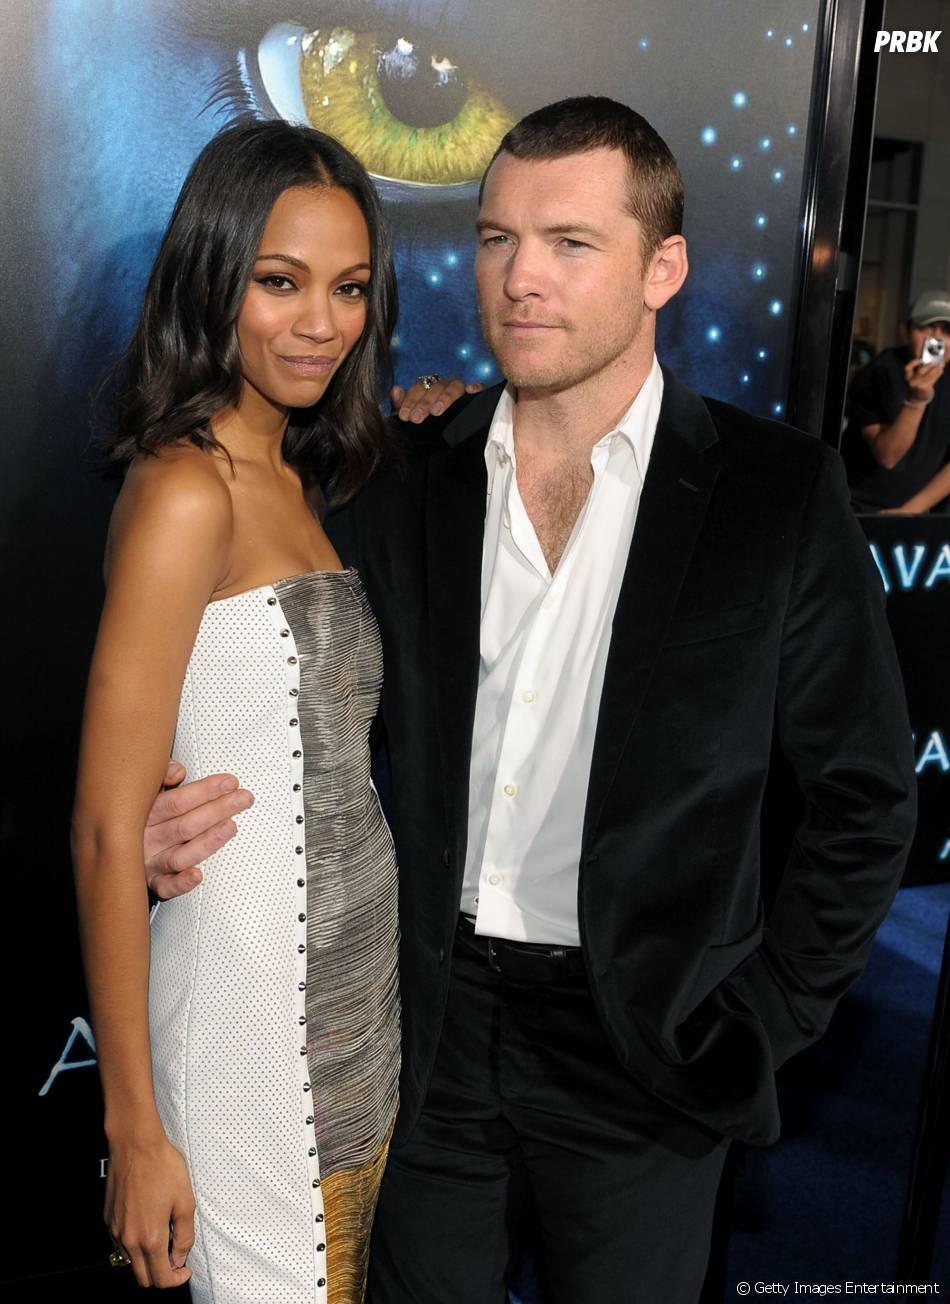 Sam worthington and zoe saldana dating who